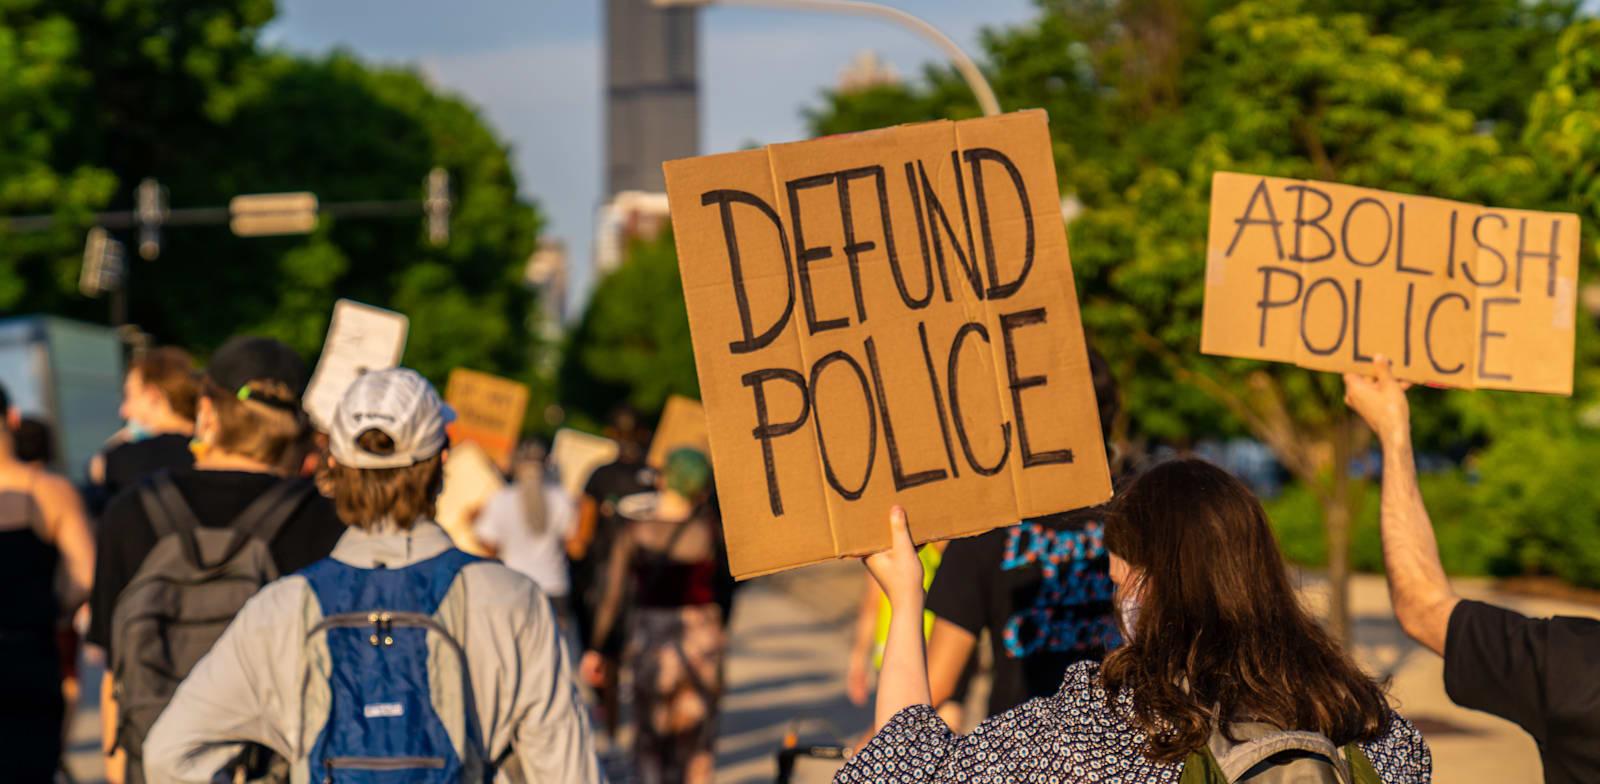 מפגינים בשיקגו קוראים לצמצום תקציבי המשטרה. צעד שנוי במחלוקת / צילום: Shutterstock, Untitled Title